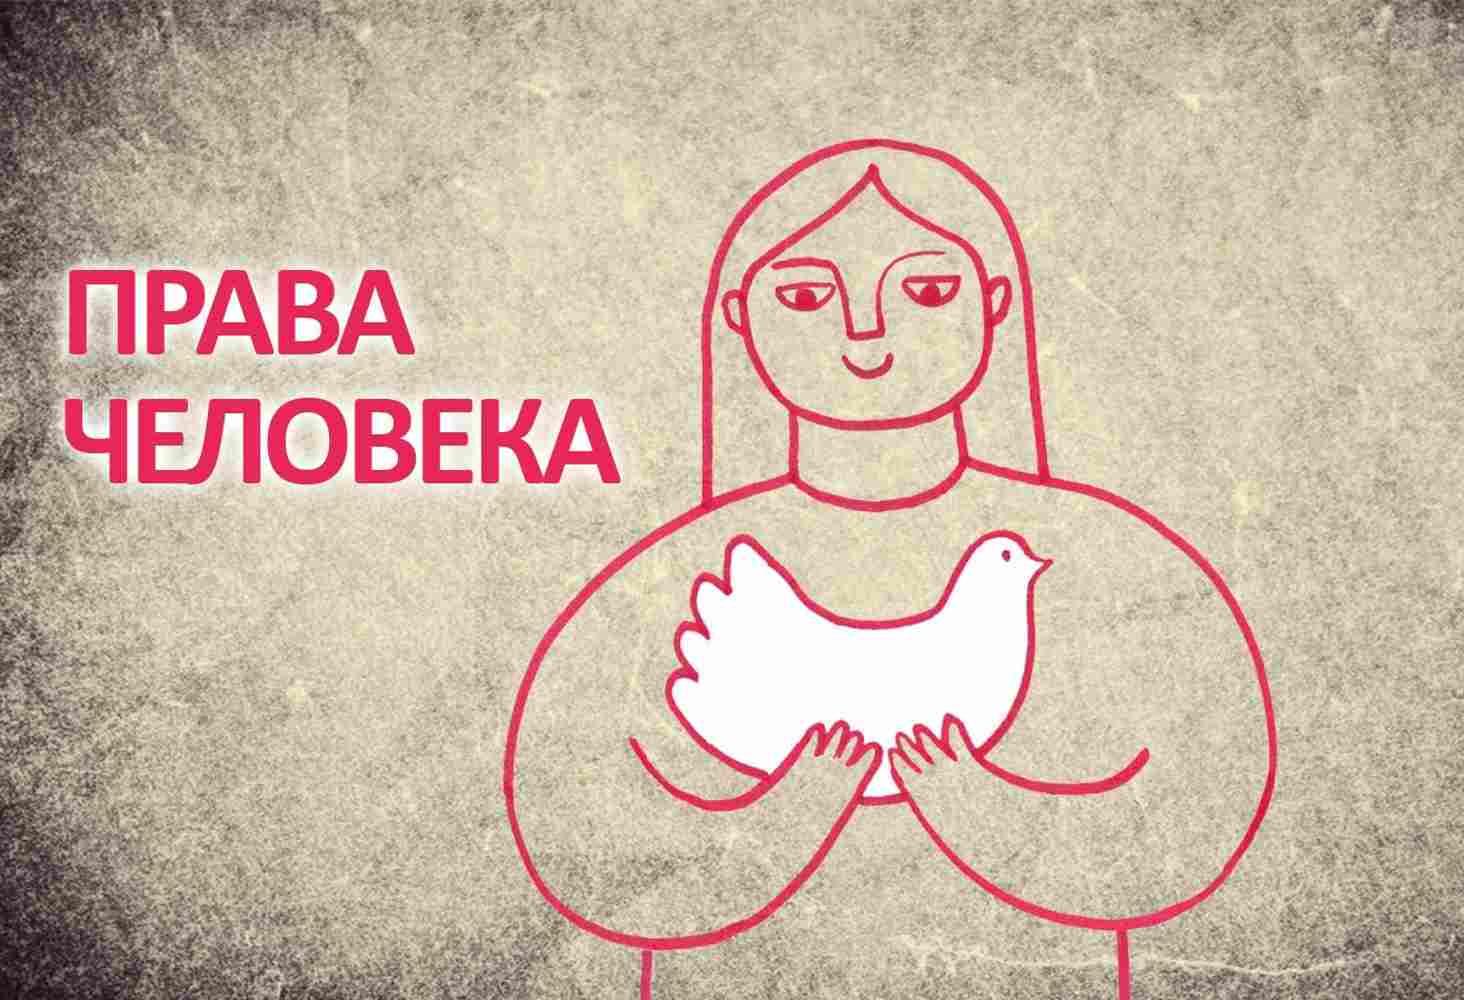 uchebniki-po-pravam-cheloveka-izdadut-dlya-rossijskih-shkol-i-vuzov